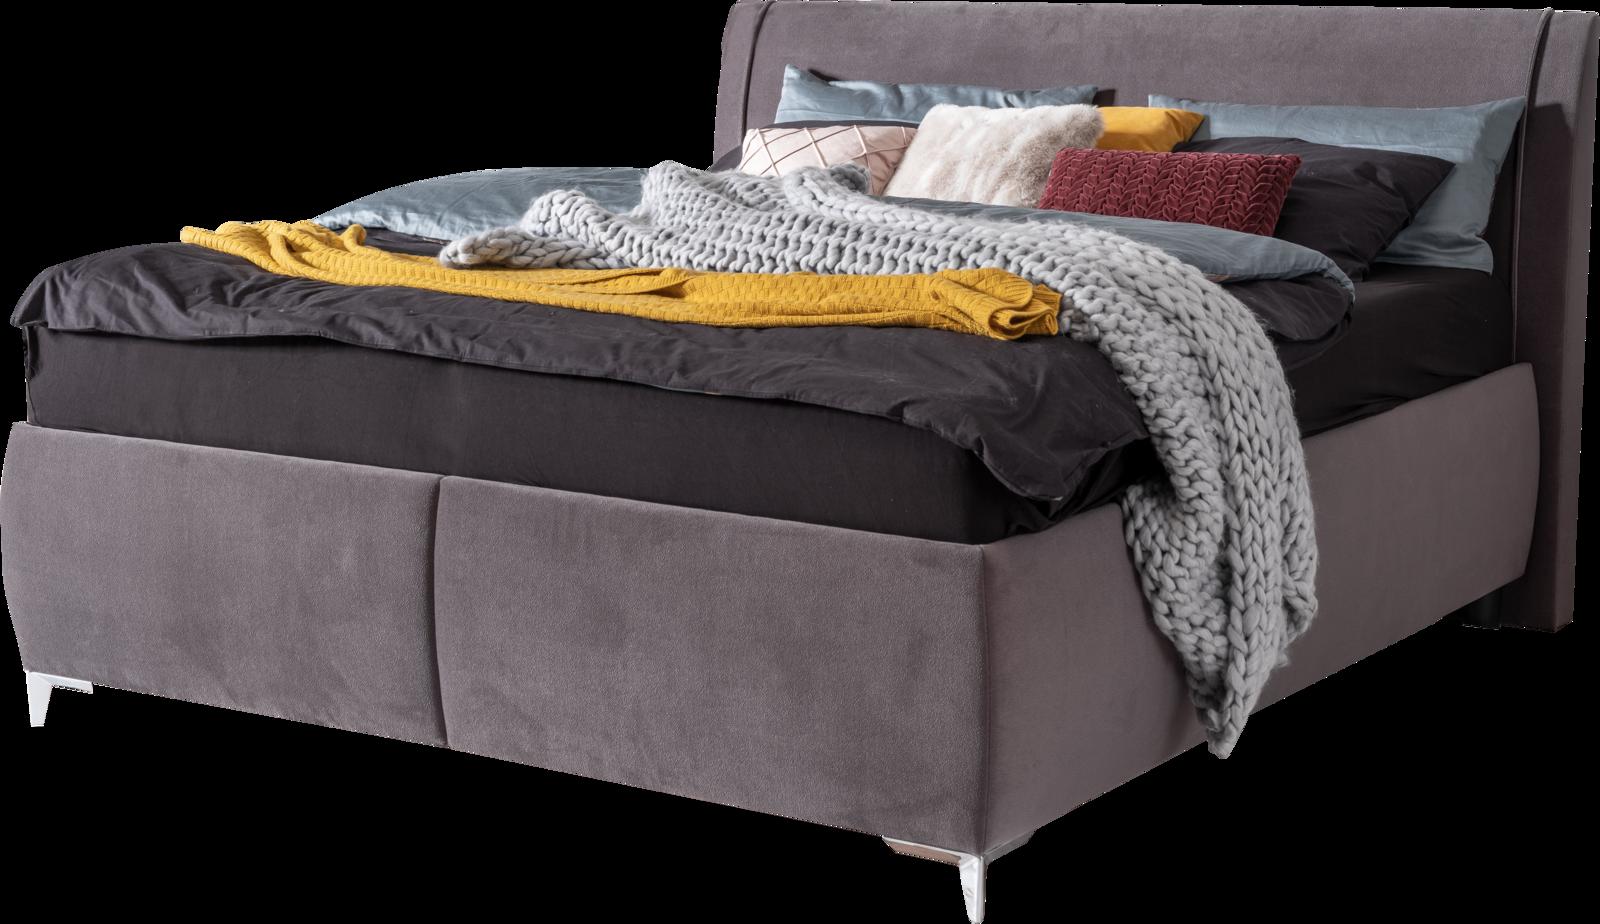 Bett mit grauem Stoff, geteiltem Bettkasten und Naht am Kopfhaupt